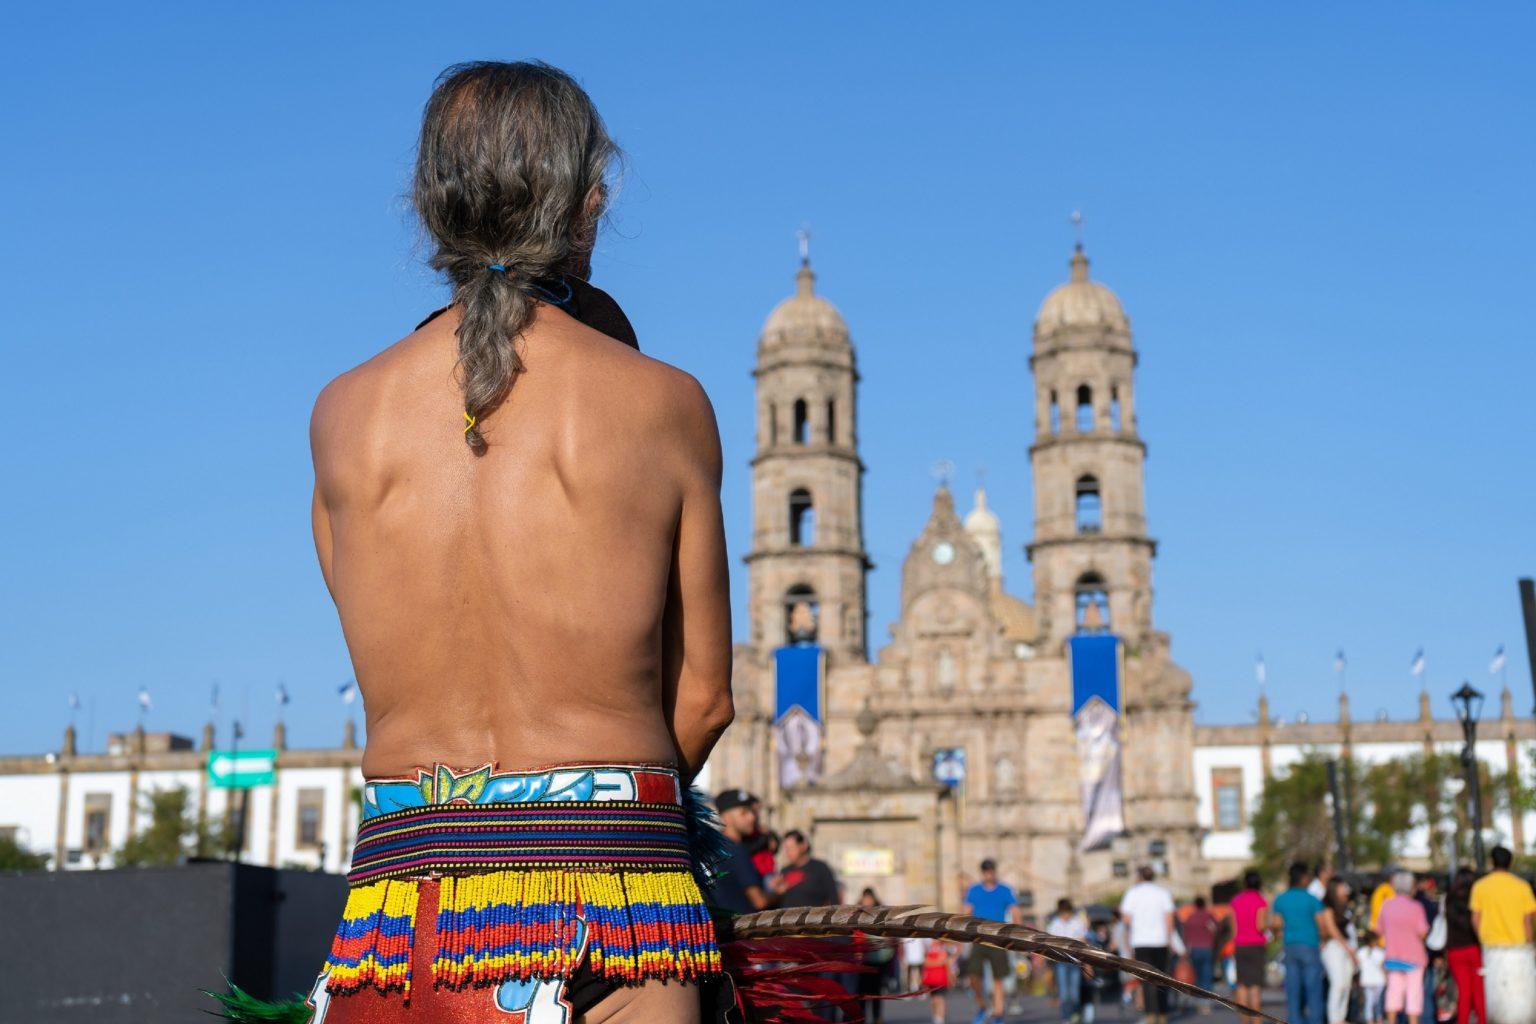 Zapotan walking tour